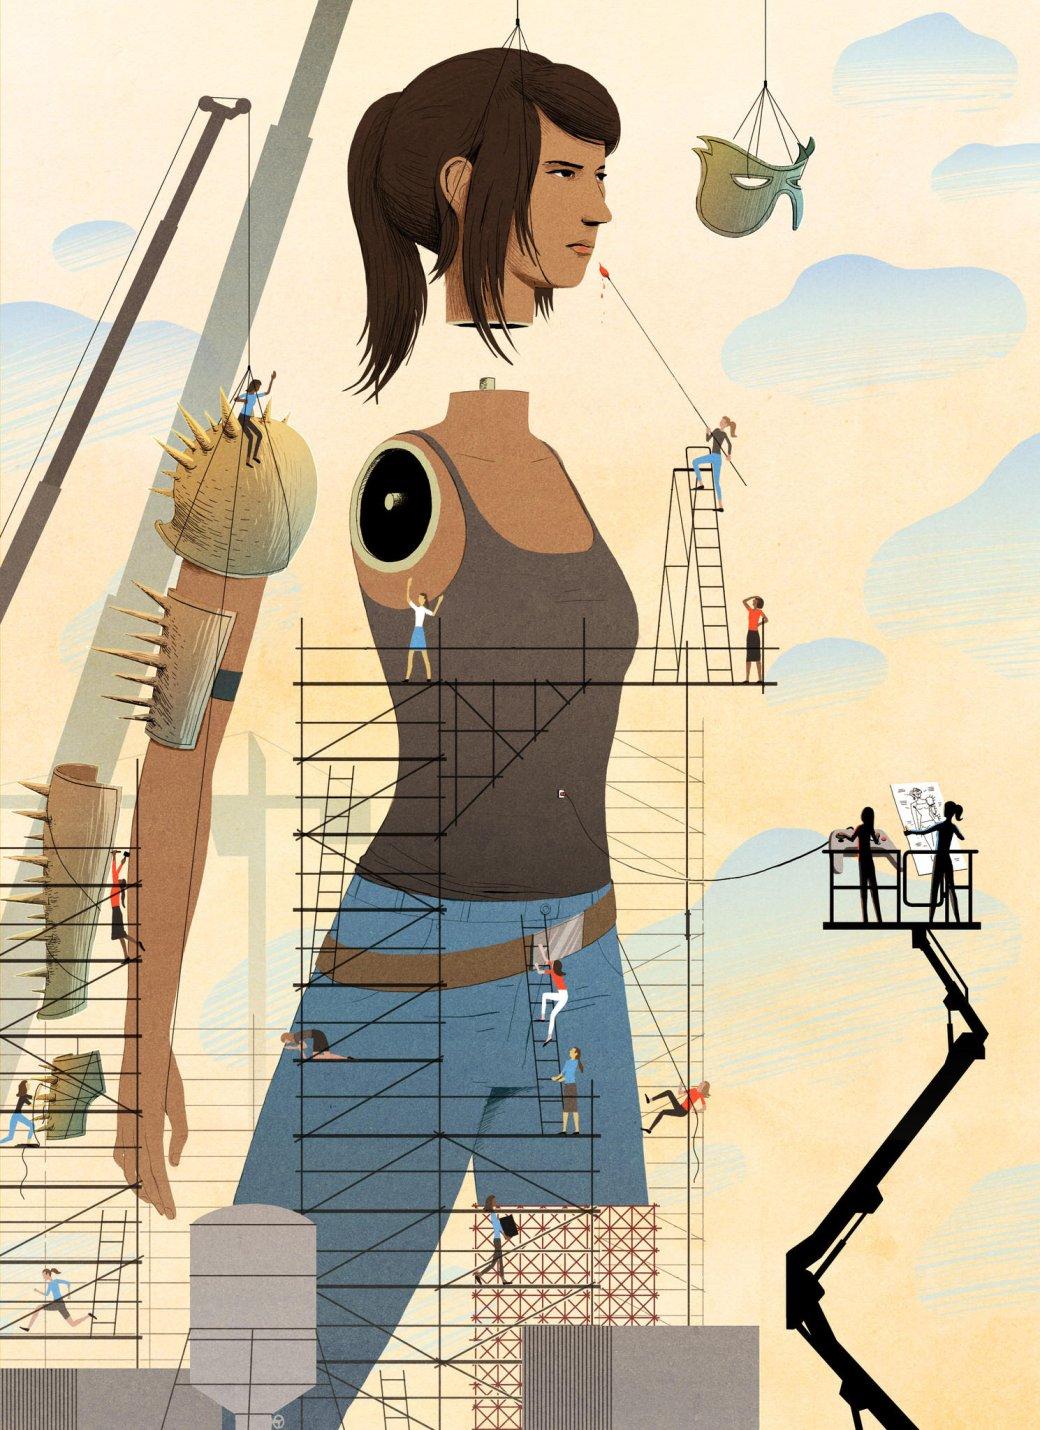 В главной школе игрового дизайна США женщин стало больше, чем мужчин - Изображение 2